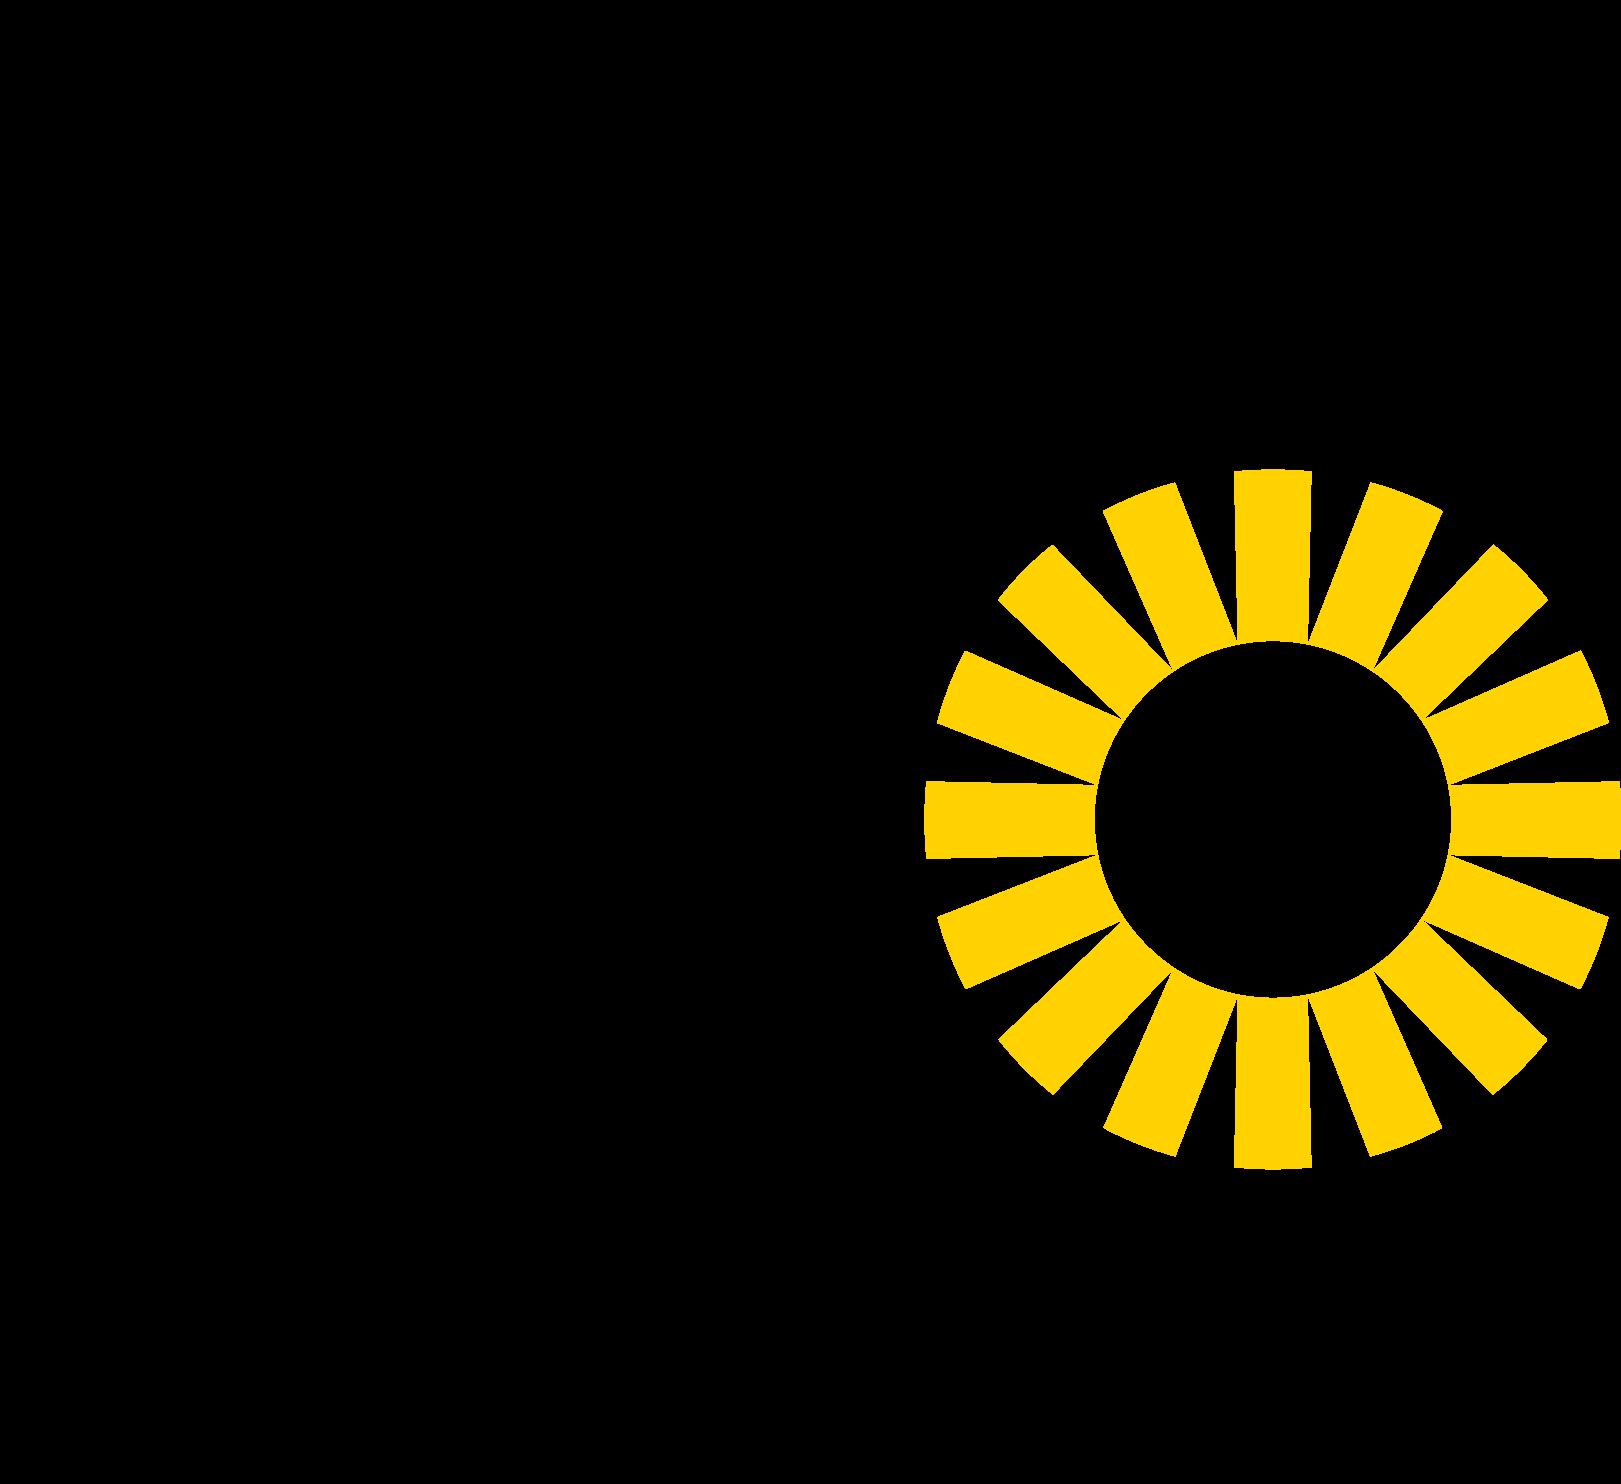 elo_tey_logo_rgb_png.png (52 KB)